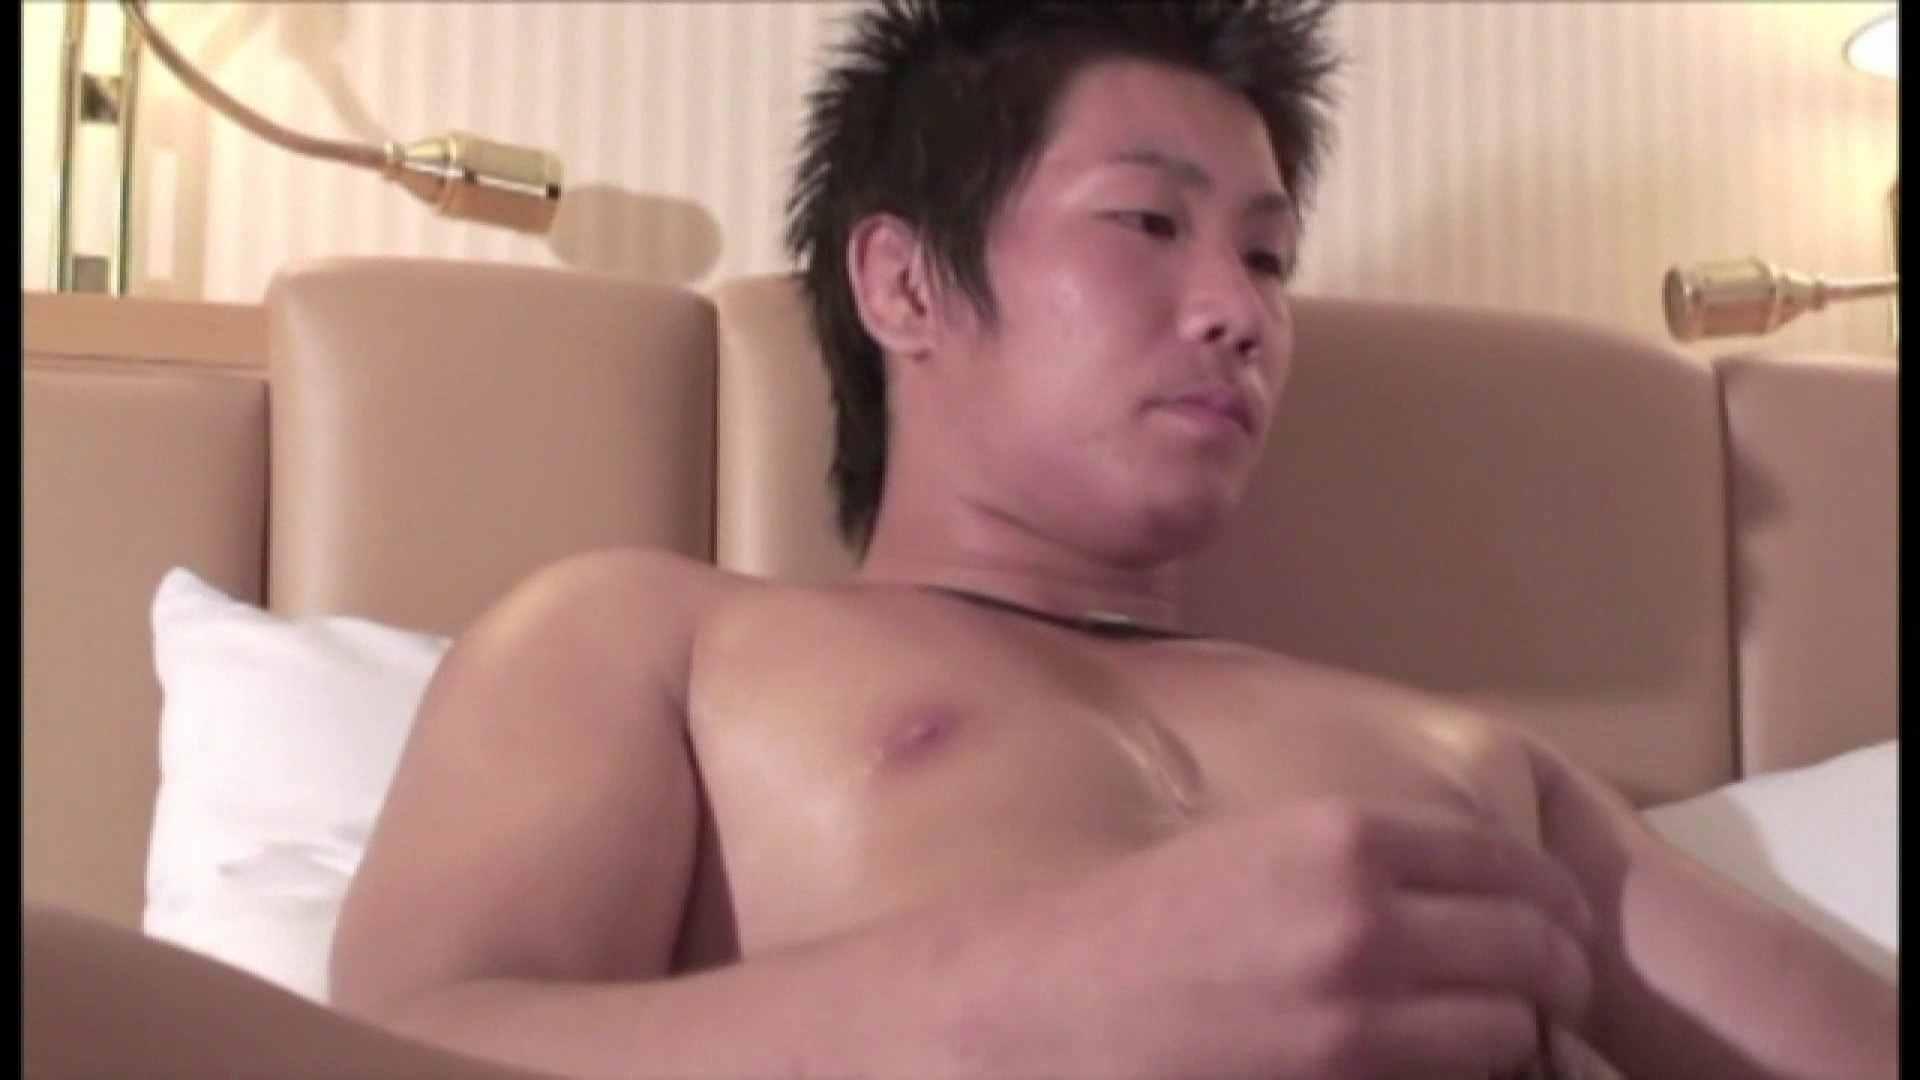 無修正セックス盗撮:ノンケイケメンの欲望と肉棒 Vol.25:オナニー